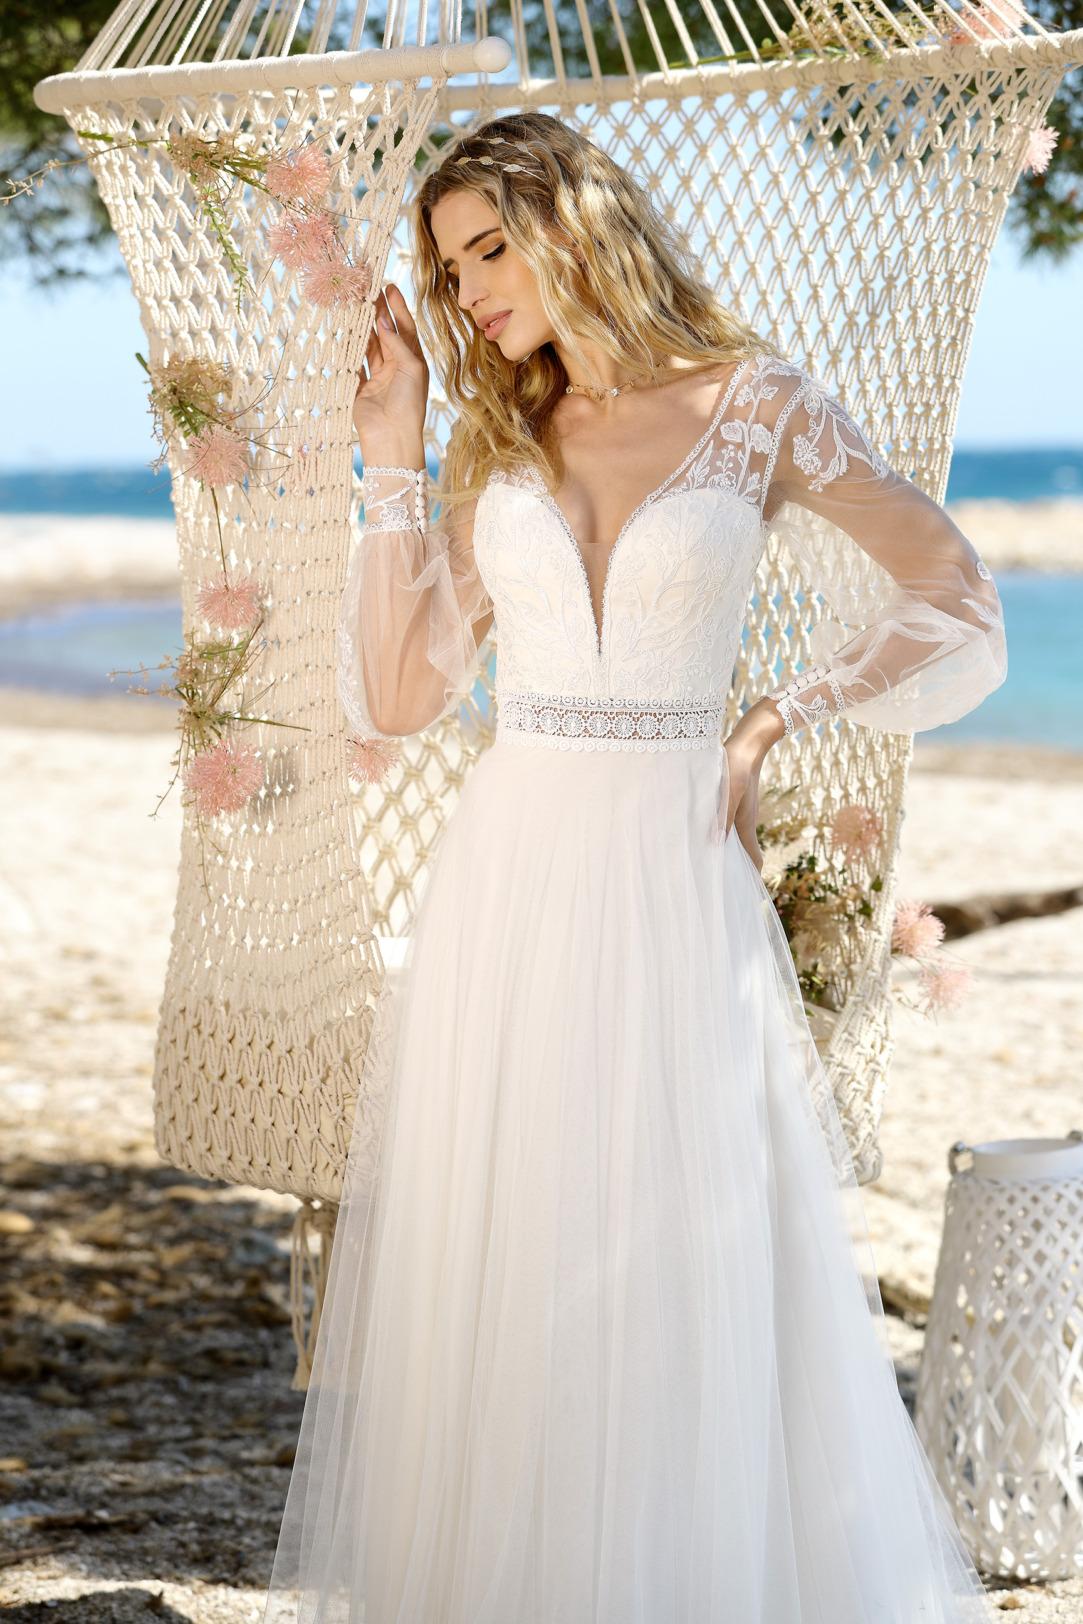 Brautkleid Hochzeitskleid im Vintage Boho Stil von Ladybird Modell 321052 mit V Ausschnitt und  langen transparenten Ärmeln mit dezenter Spitze transparenter Taillengürtel und Rock aus superleichtem Tüll